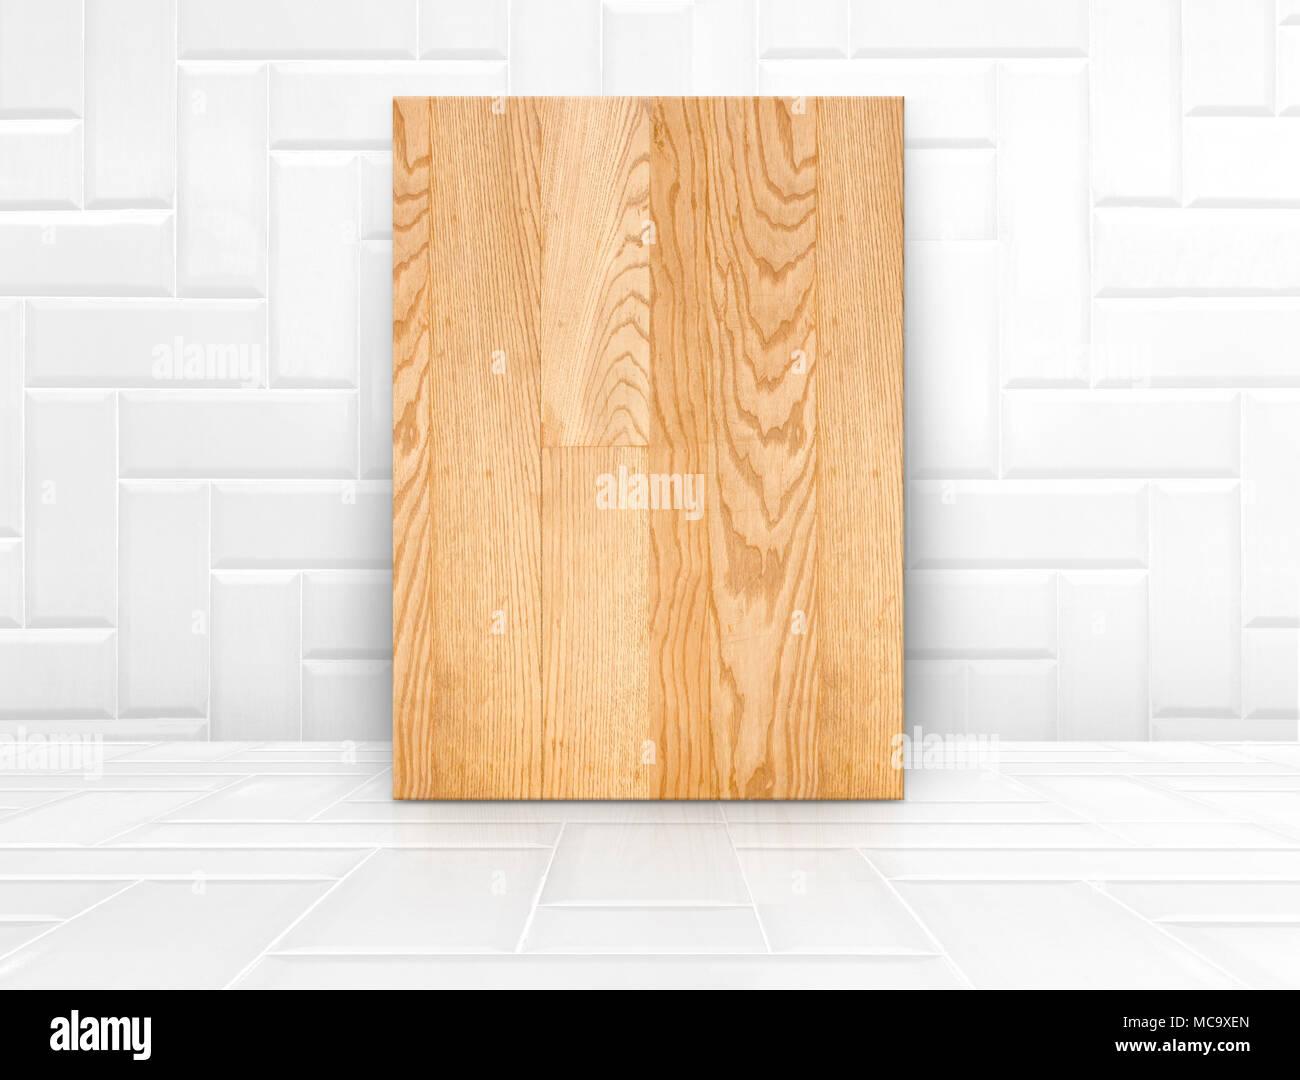 Pannello di legno mock up in bianco lucido di piastrelle in